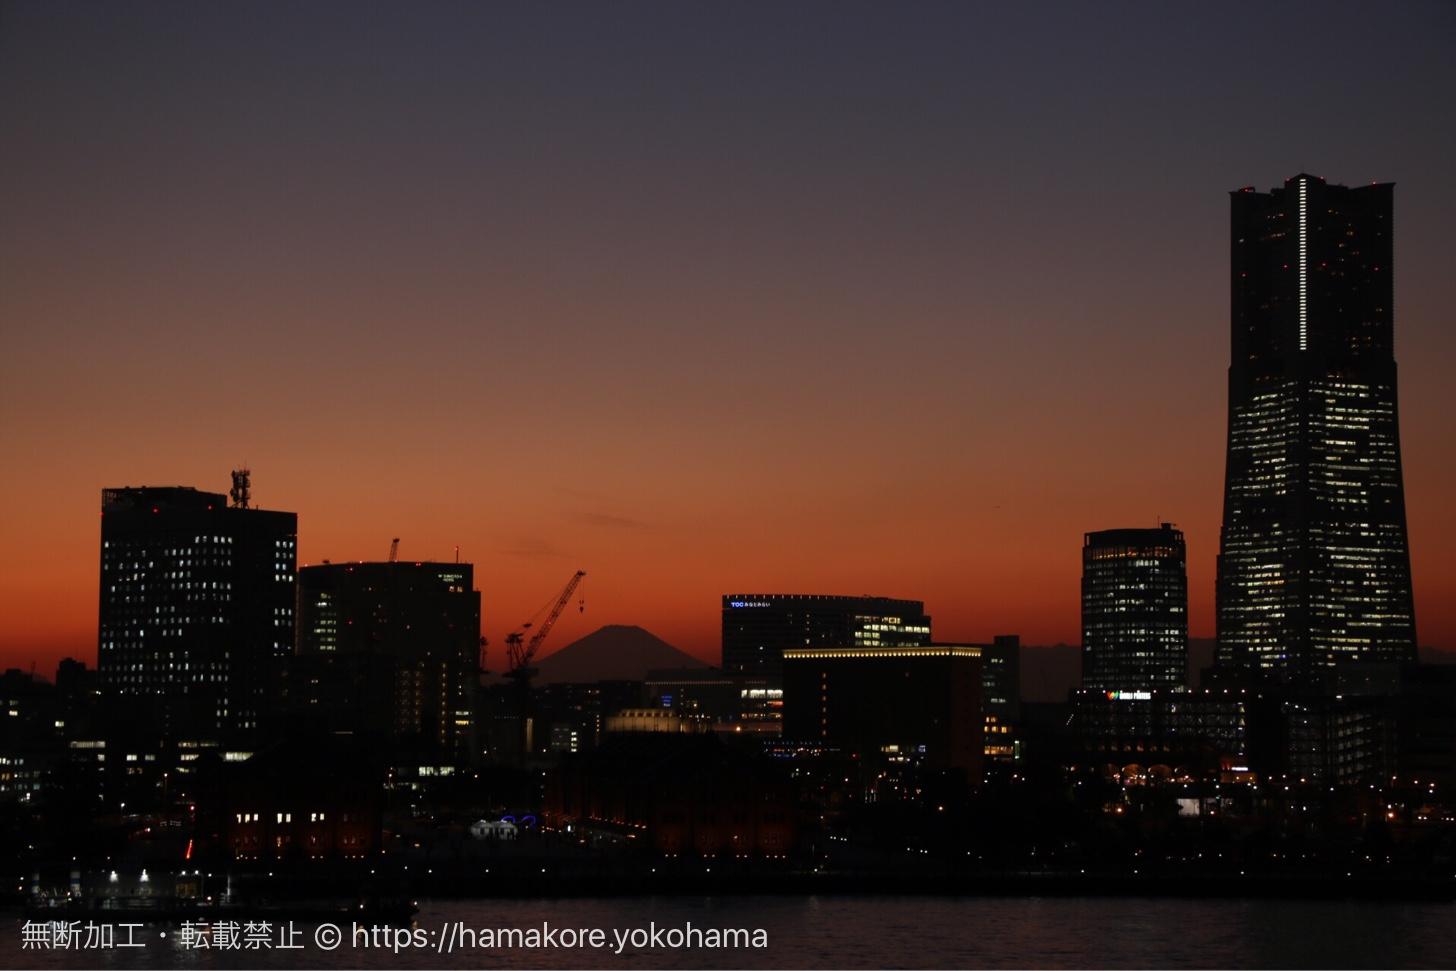 大さん橋から見た富士山